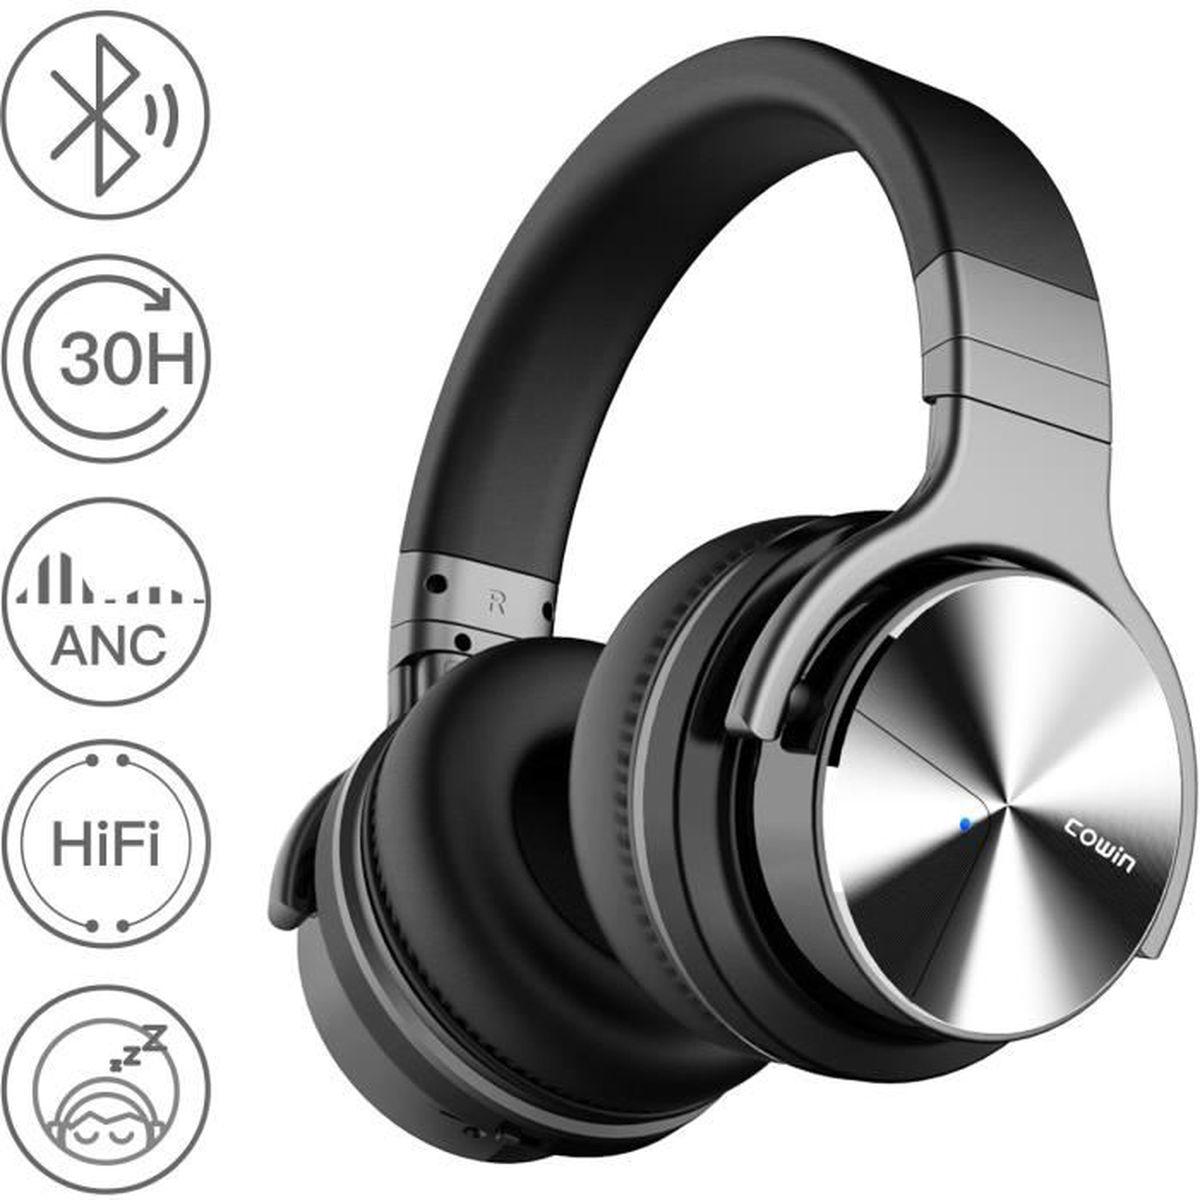 CASQUE - ÉCOUTEURS Cowin E7 Pro Casque audio bluetooth - Sans fil arc